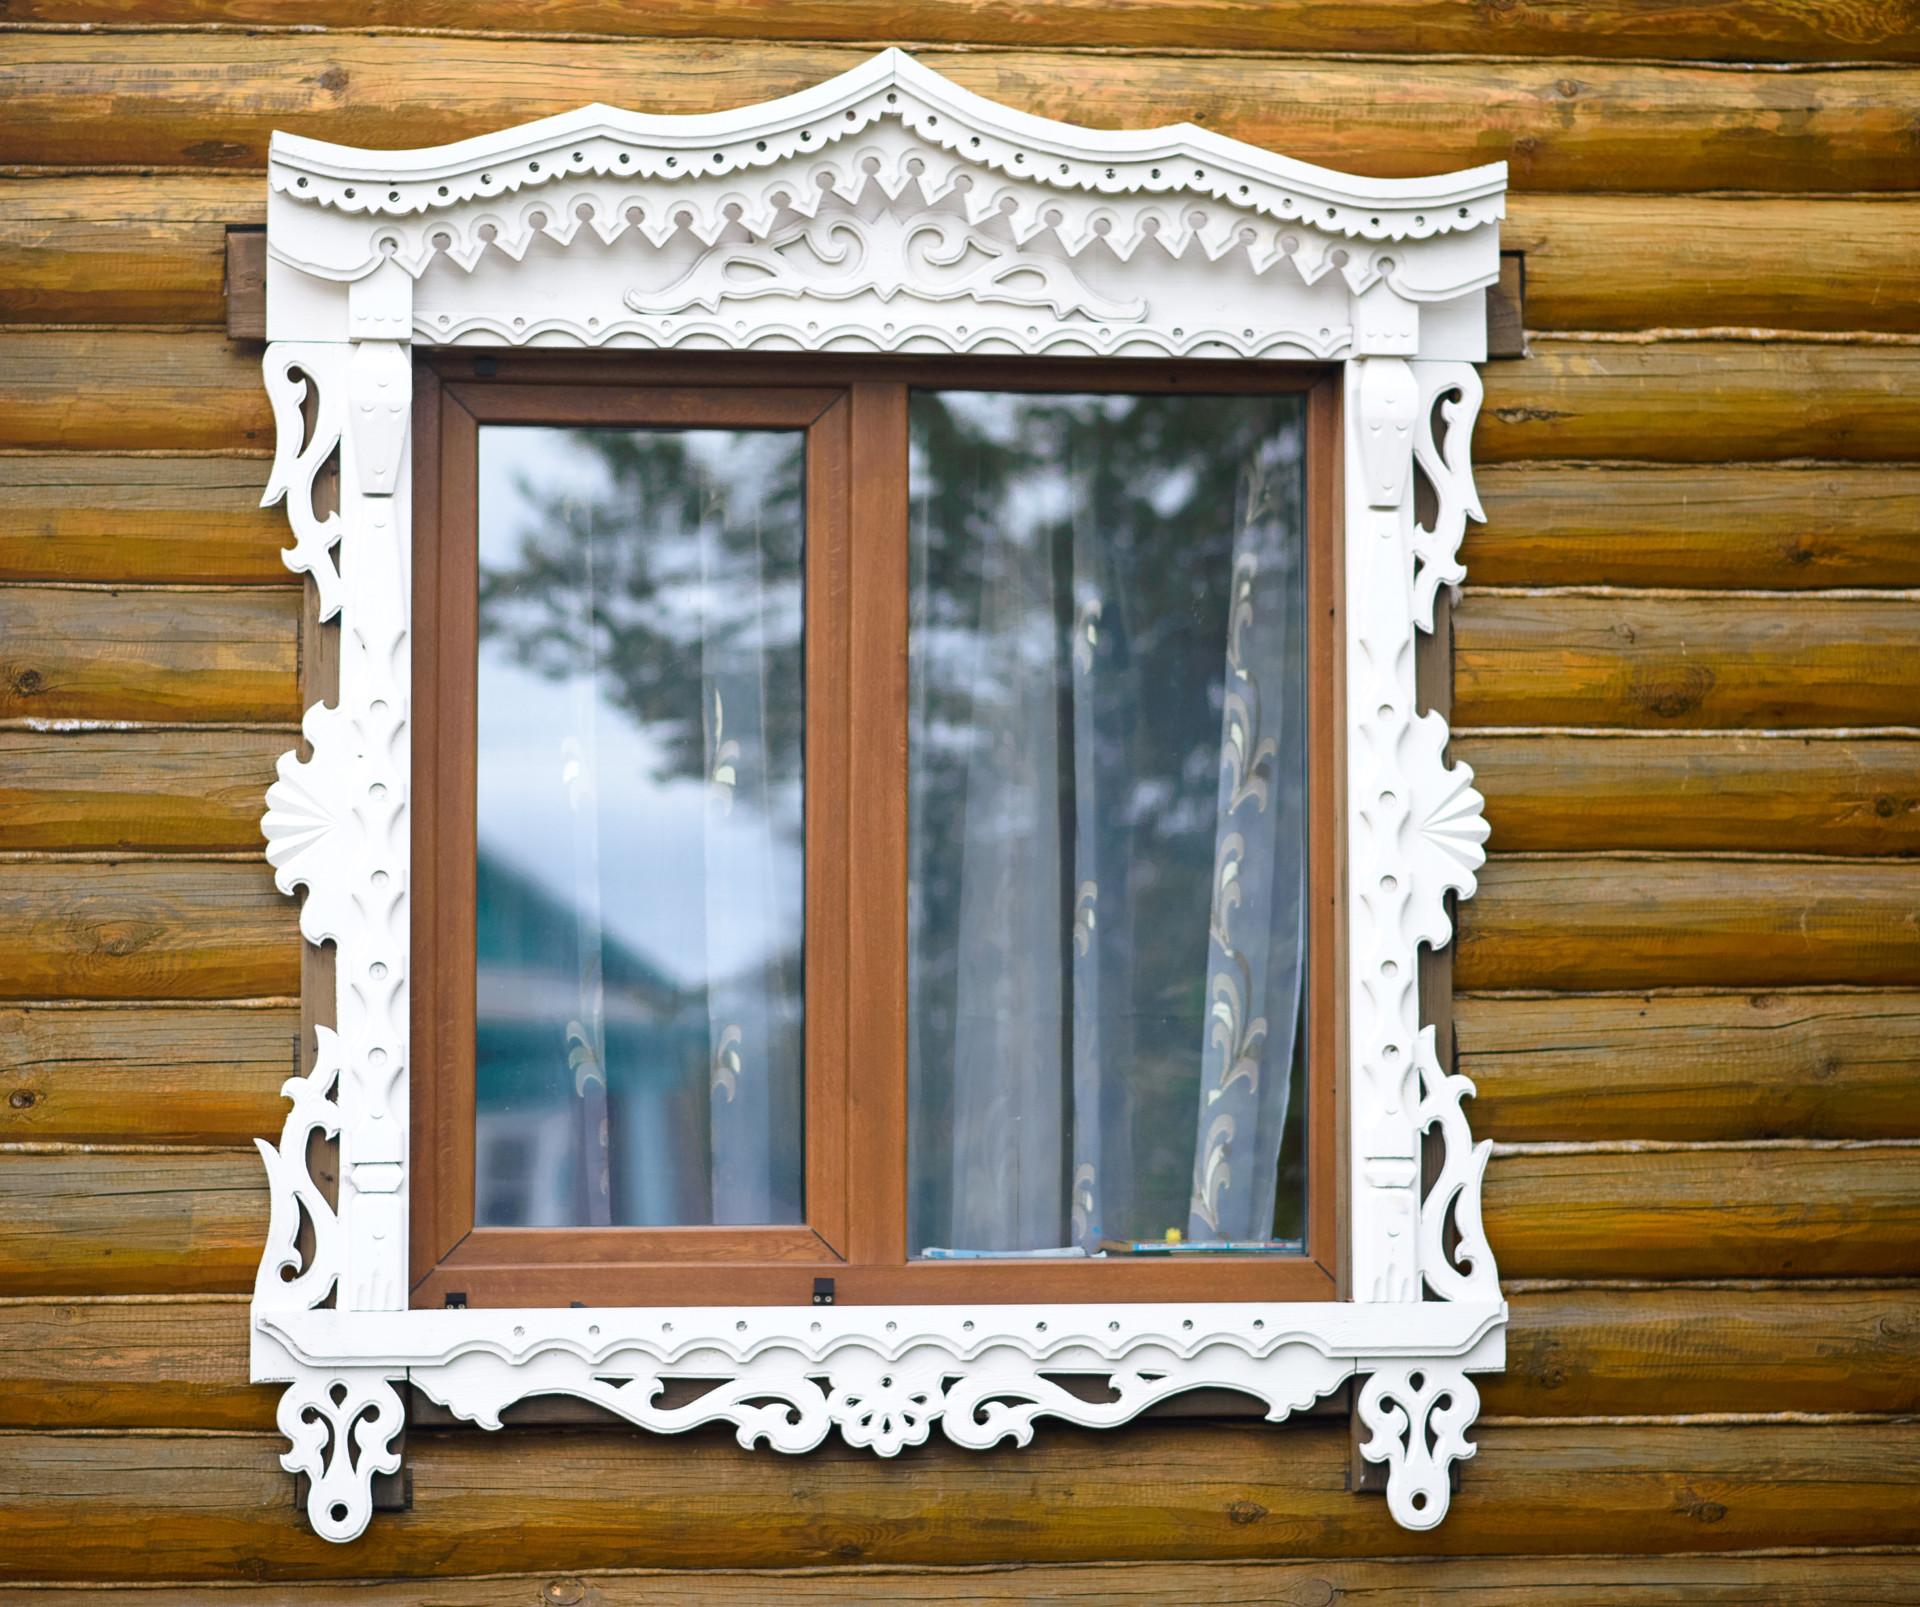 Наличники на окна своими руками деревянные, резные - Ремонт 18